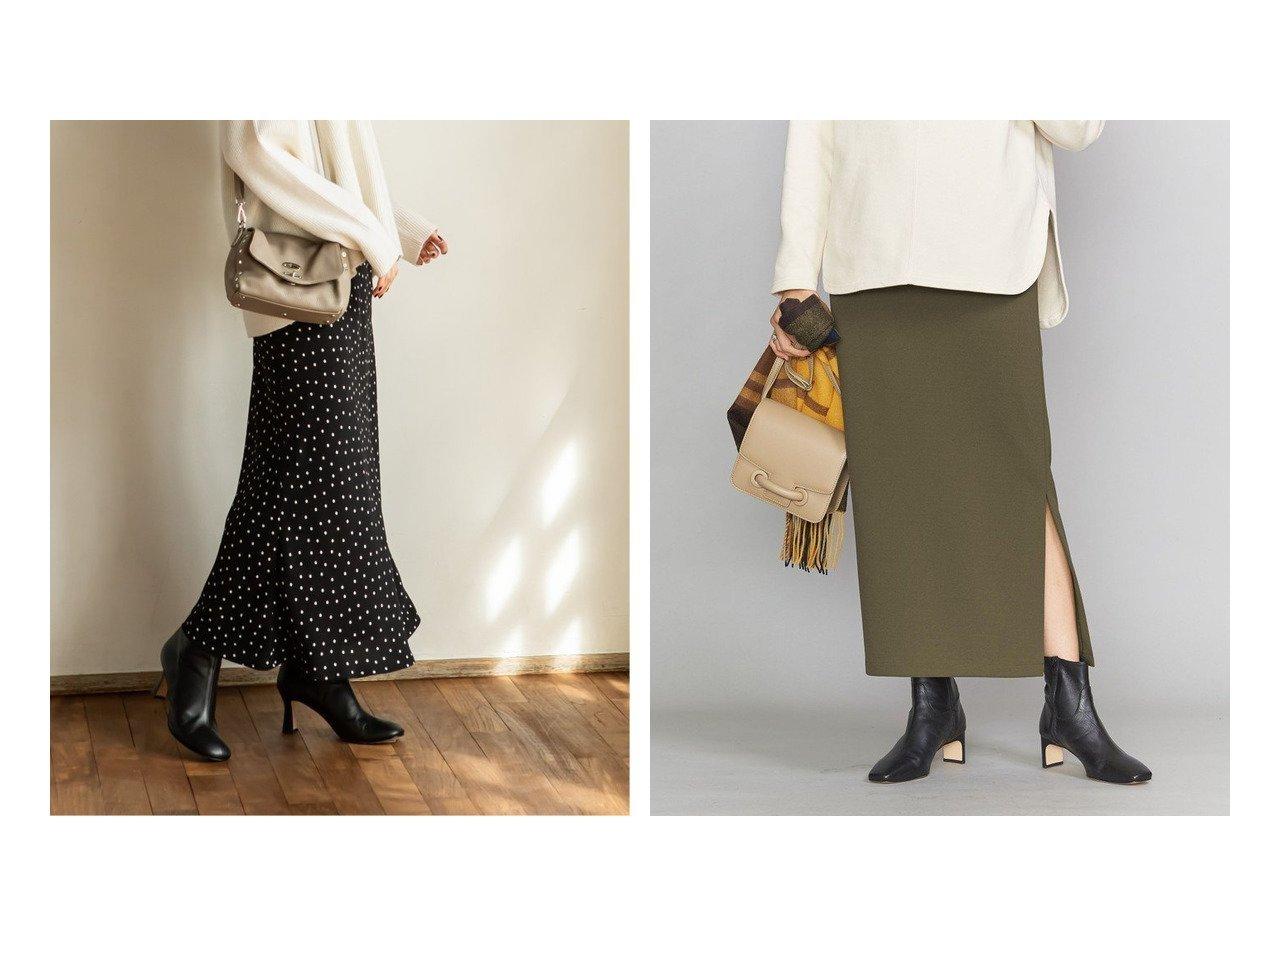 【NOBLE / Spick & Span/ノーブル / スピック&スパン】の《追加》【N.Jam】ドットマーメイドスカート&【BEAUTY&YOUTH UNITED ARROWS/ビューティアンド ユースユナイテッドアローズ】のBY サイドスリットマキシスカート スカートのおすすめ!人気、レディースファッションの通販  おすすめで人気のファッション通販商品 インテリア・家具・キッズファッション・メンズファッション・レディースファッション・服の通販 founy(ファニー) https://founy.com/ ファッション Fashion レディース WOMEN スカート Skirt Aライン/フレアスカート Flared A-Line Skirts コレクション ドット フレア プリント マーメイド ロング 秋冬 A/W Autumn/ Winter カットソー ギャザー ジョーゼット スウェット スリット タイトスカート トレンド 定番 マキシ リラックス |ID:crp329100000004046